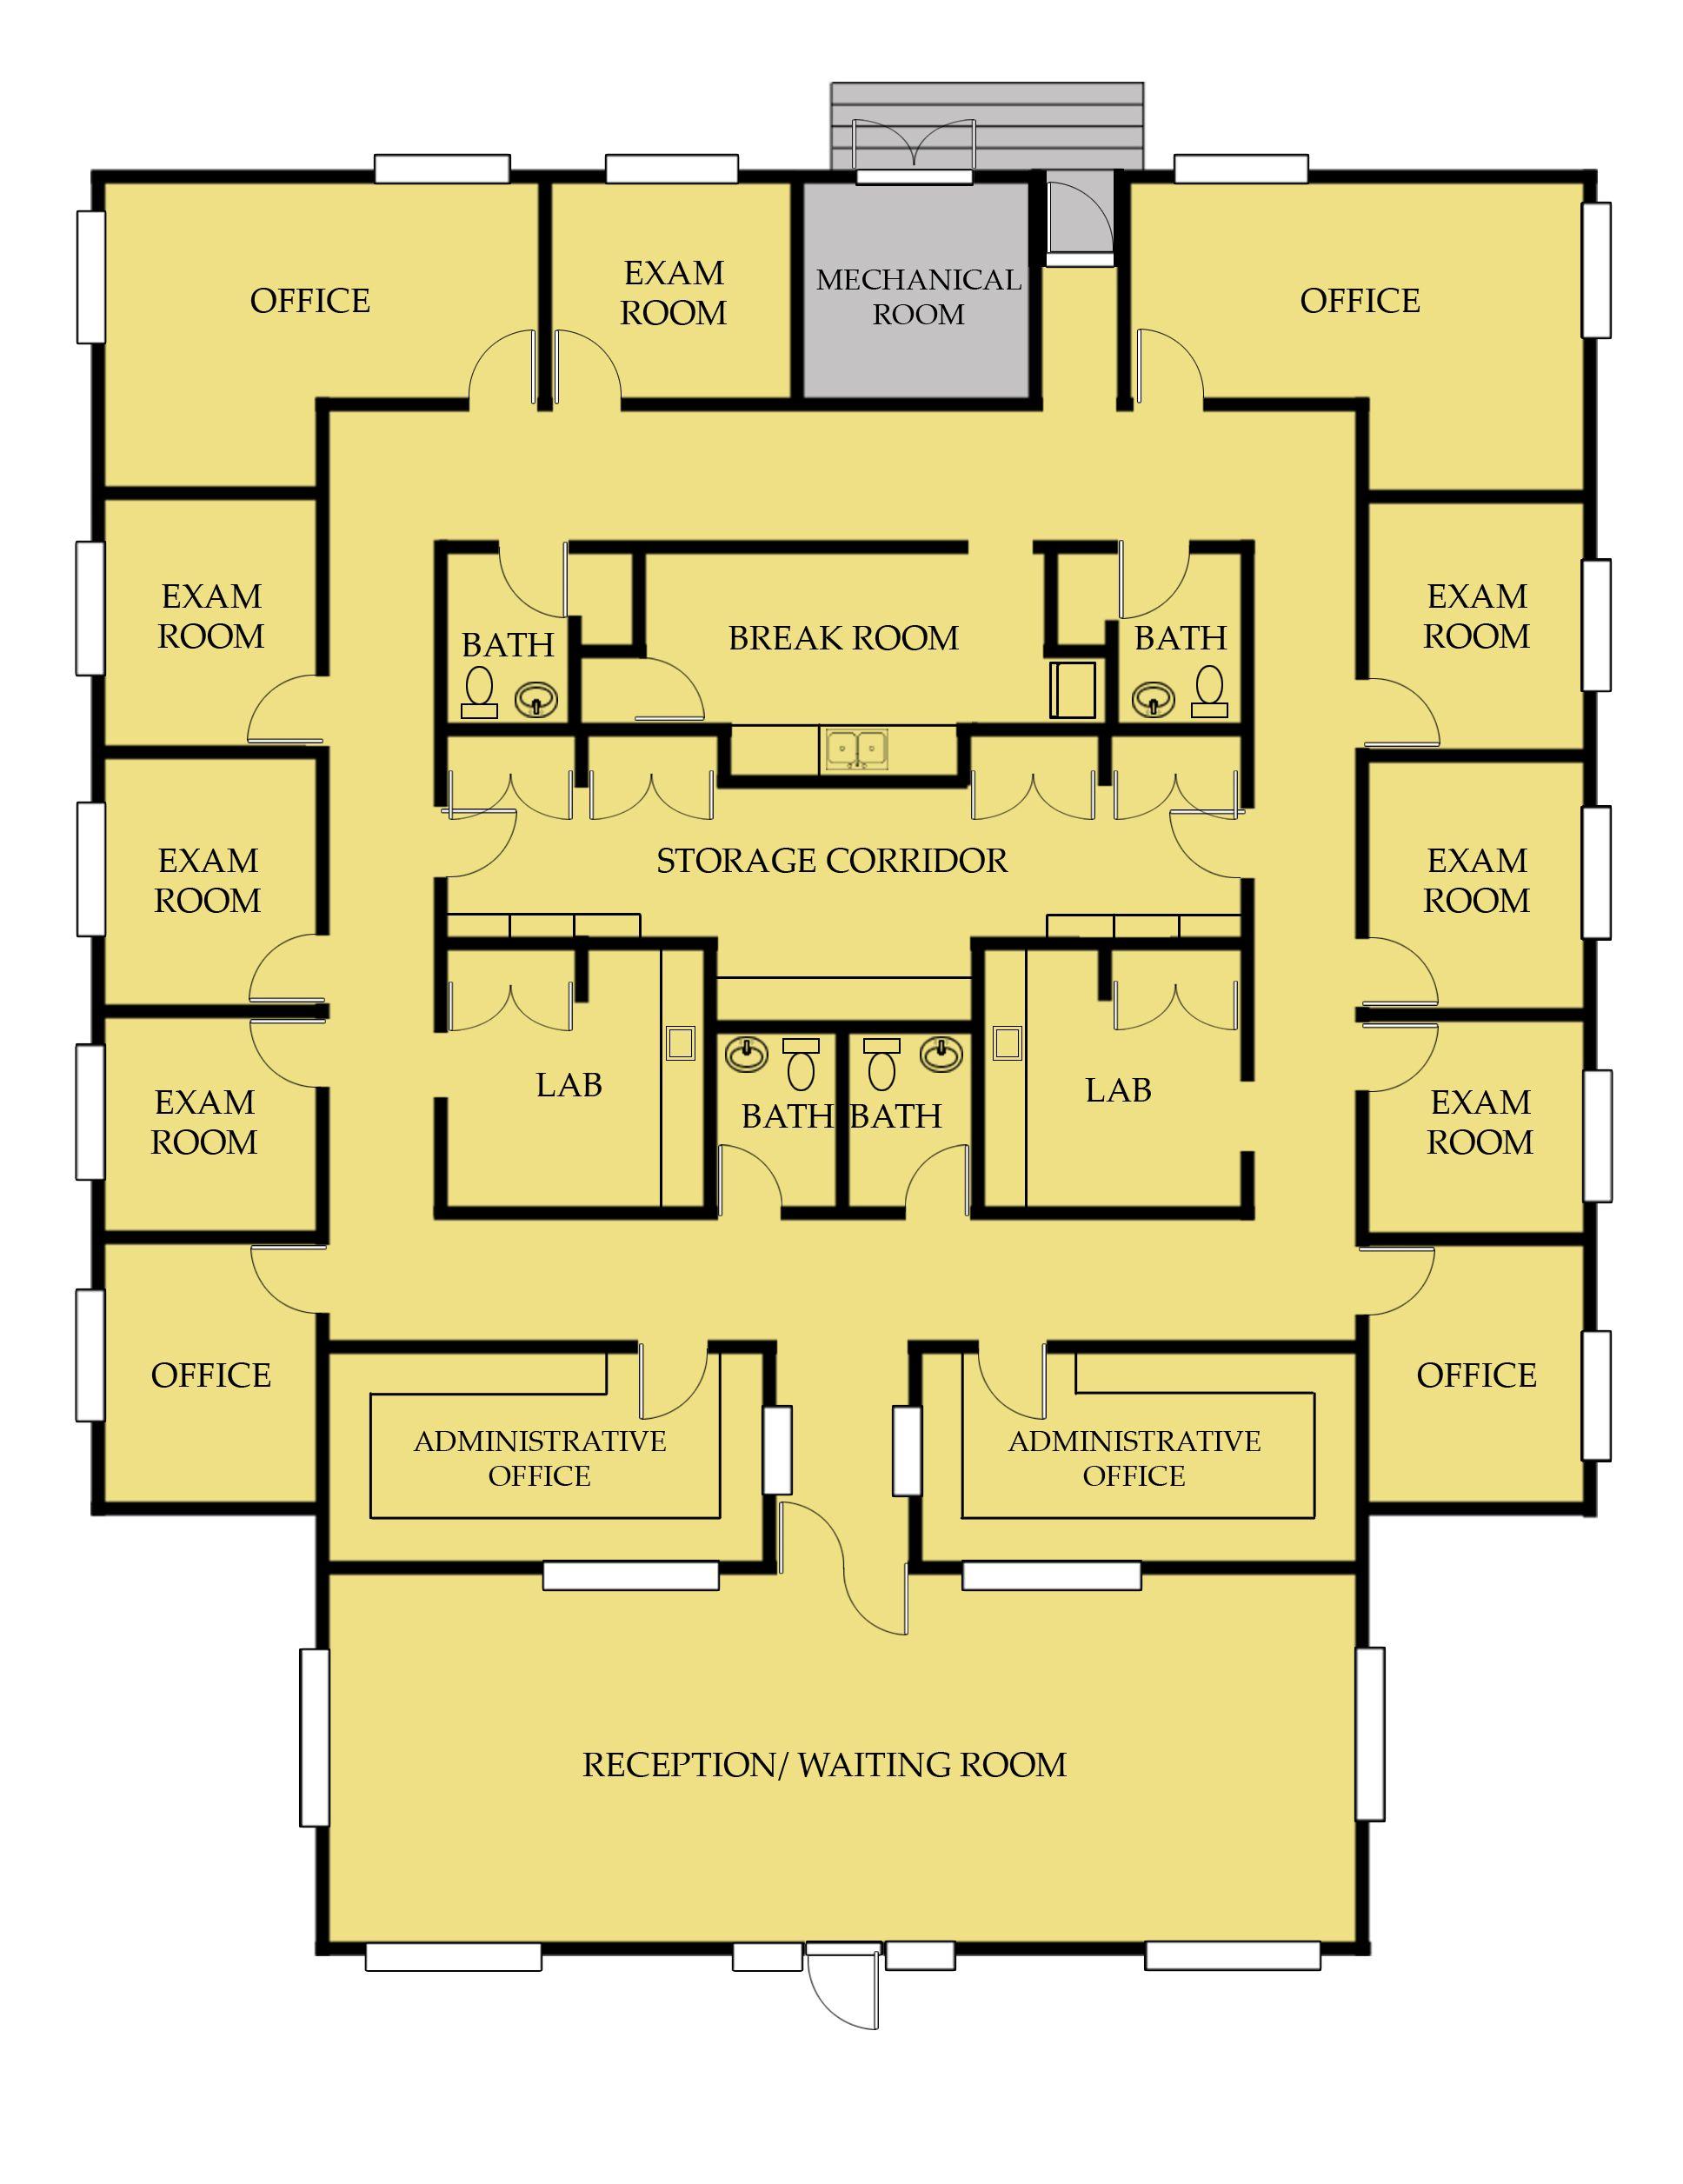 medical office floor plan more [ 1936 x 2512 Pixel ]